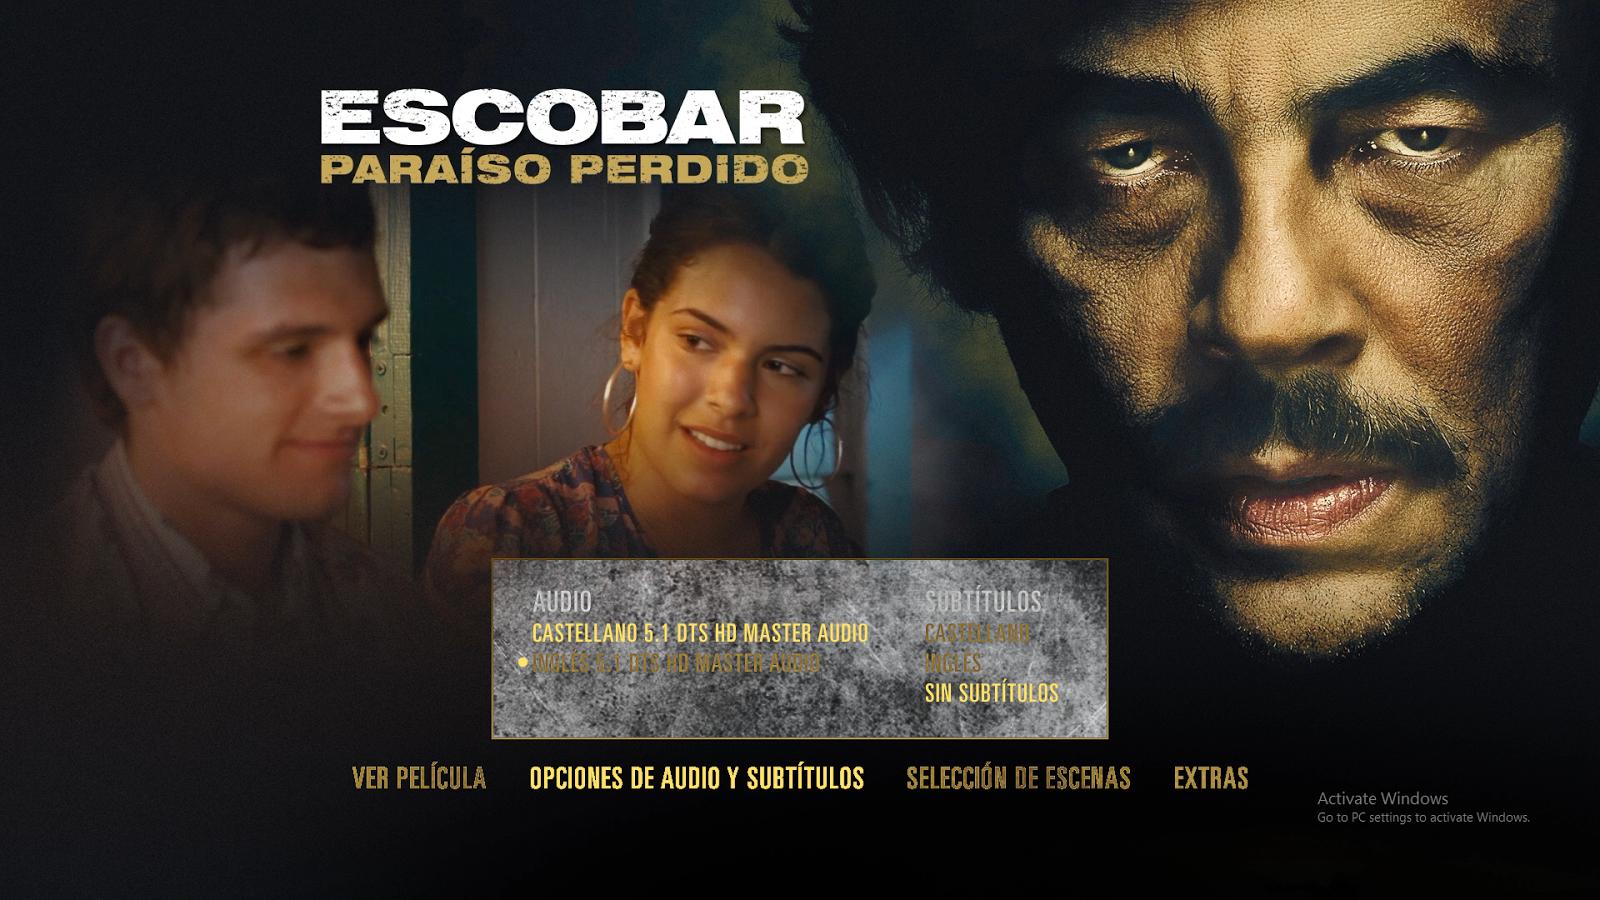 Escobar Paraiso Perdido (2014) 1080p BD25 1